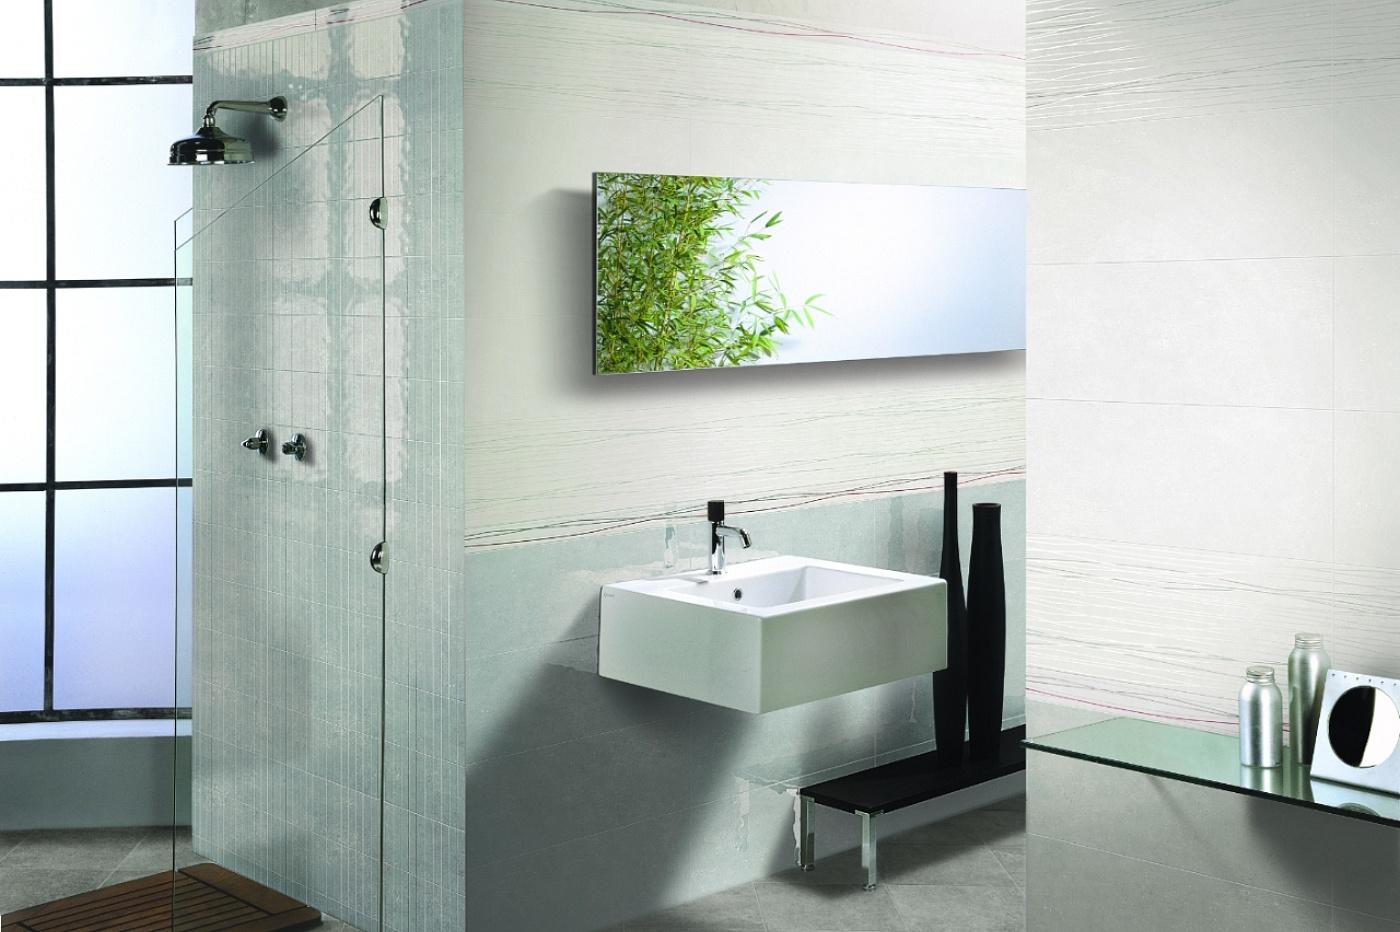 Altezza mattonelle bagno amazing bagno piastrelle altezza - Altezza mattonelle bagno ...